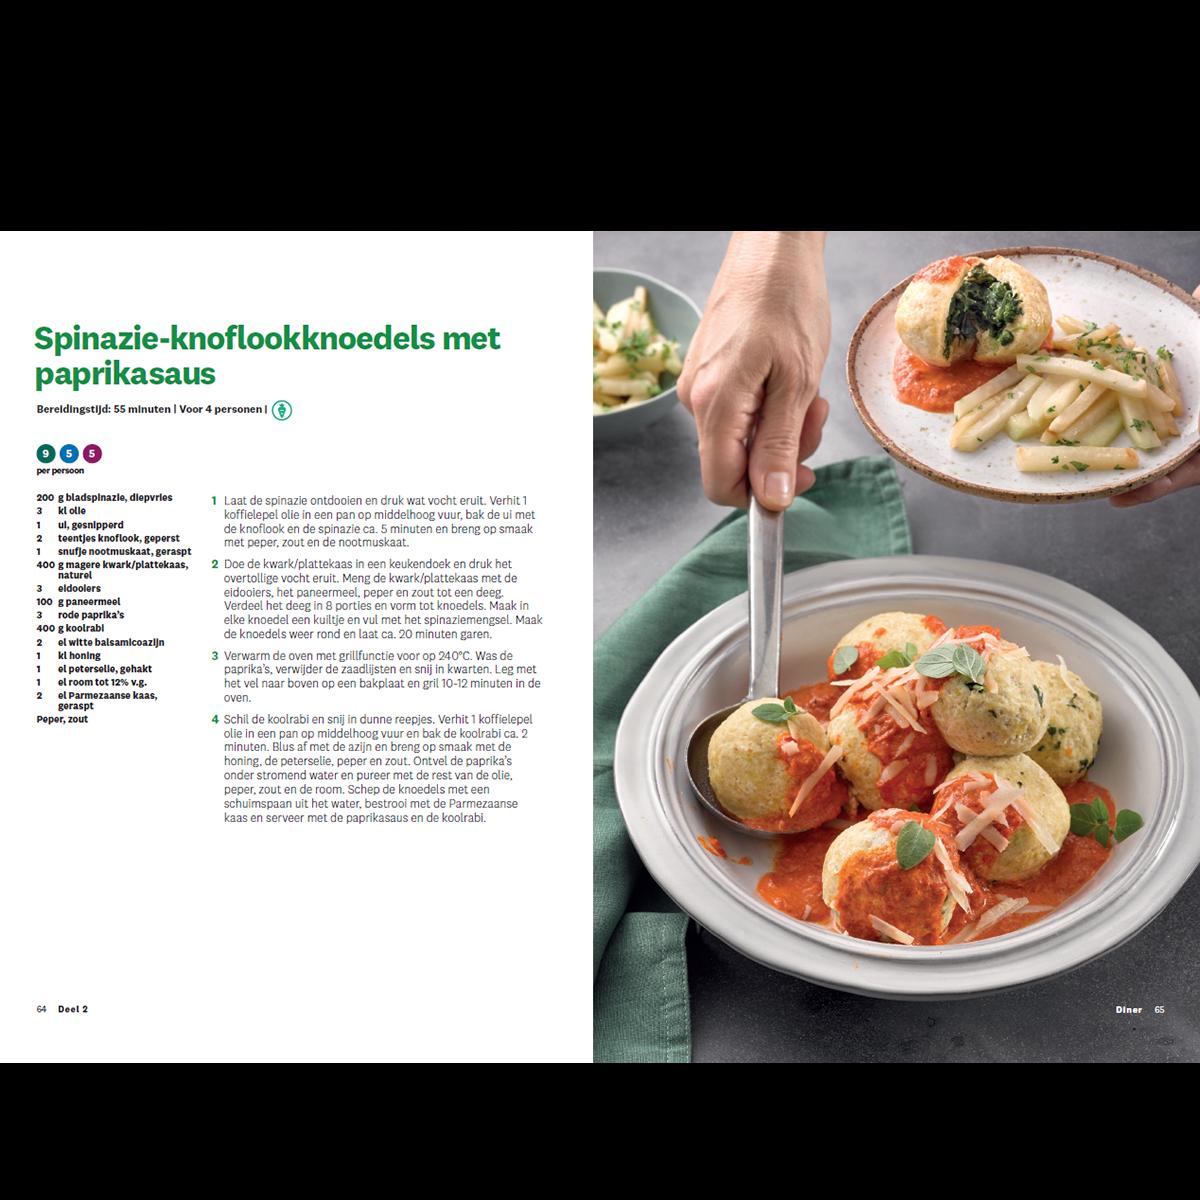 Programmakookboek deel 2 spinzie-knoflookknoedels met paprikasaus